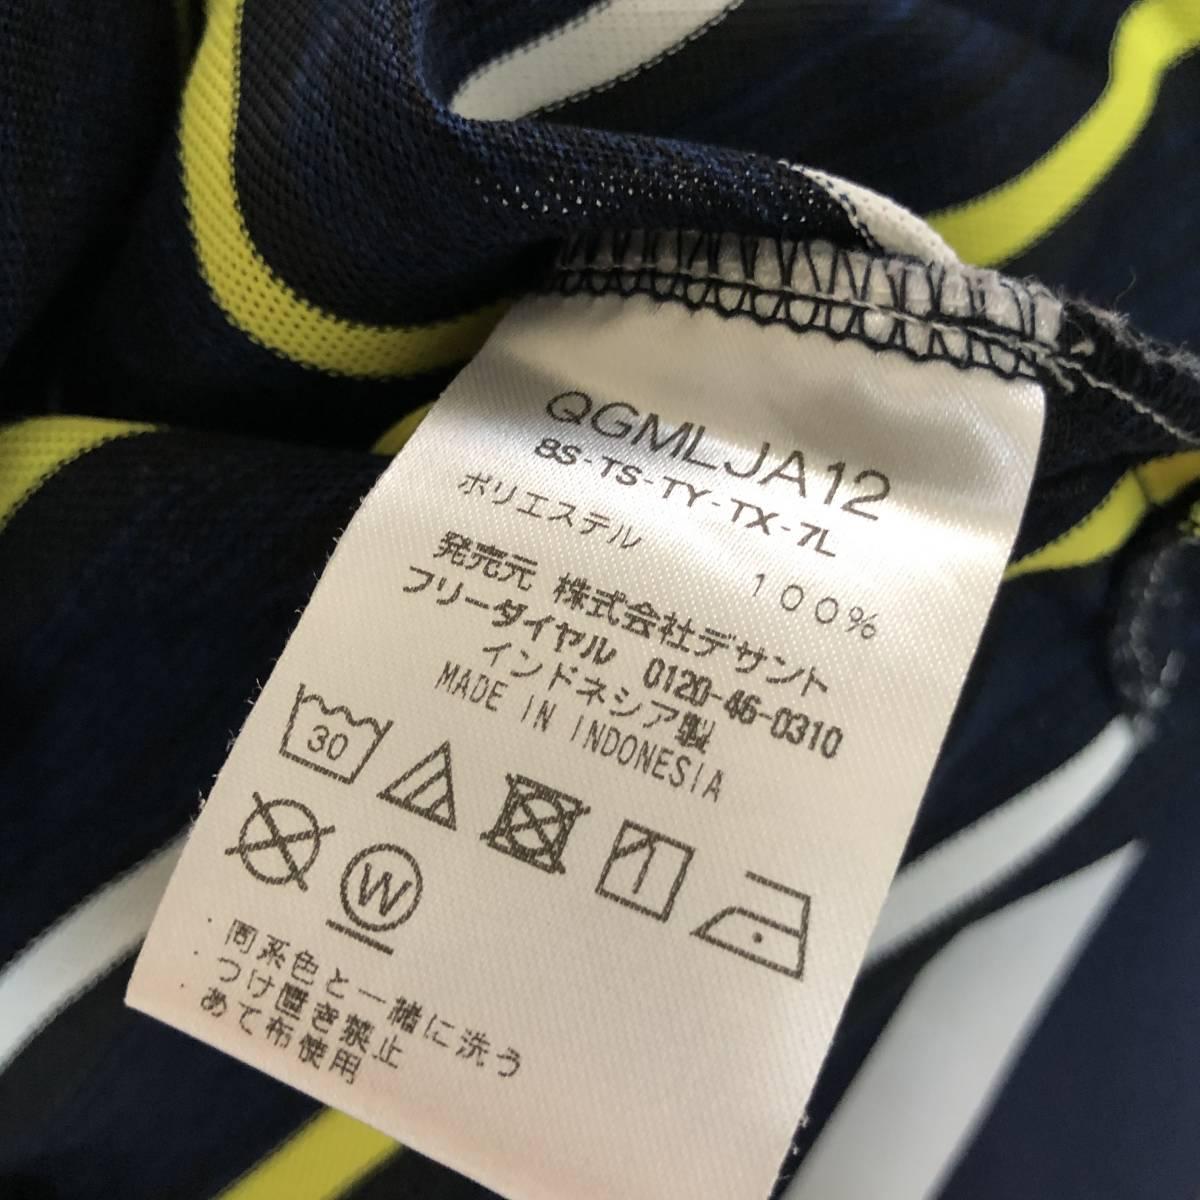 【le coq sportif golf】ルコック ゴルフ ゴルフウェア ポロシャツ 半袖 メンズ Mサイズ 送料無料!_画像8